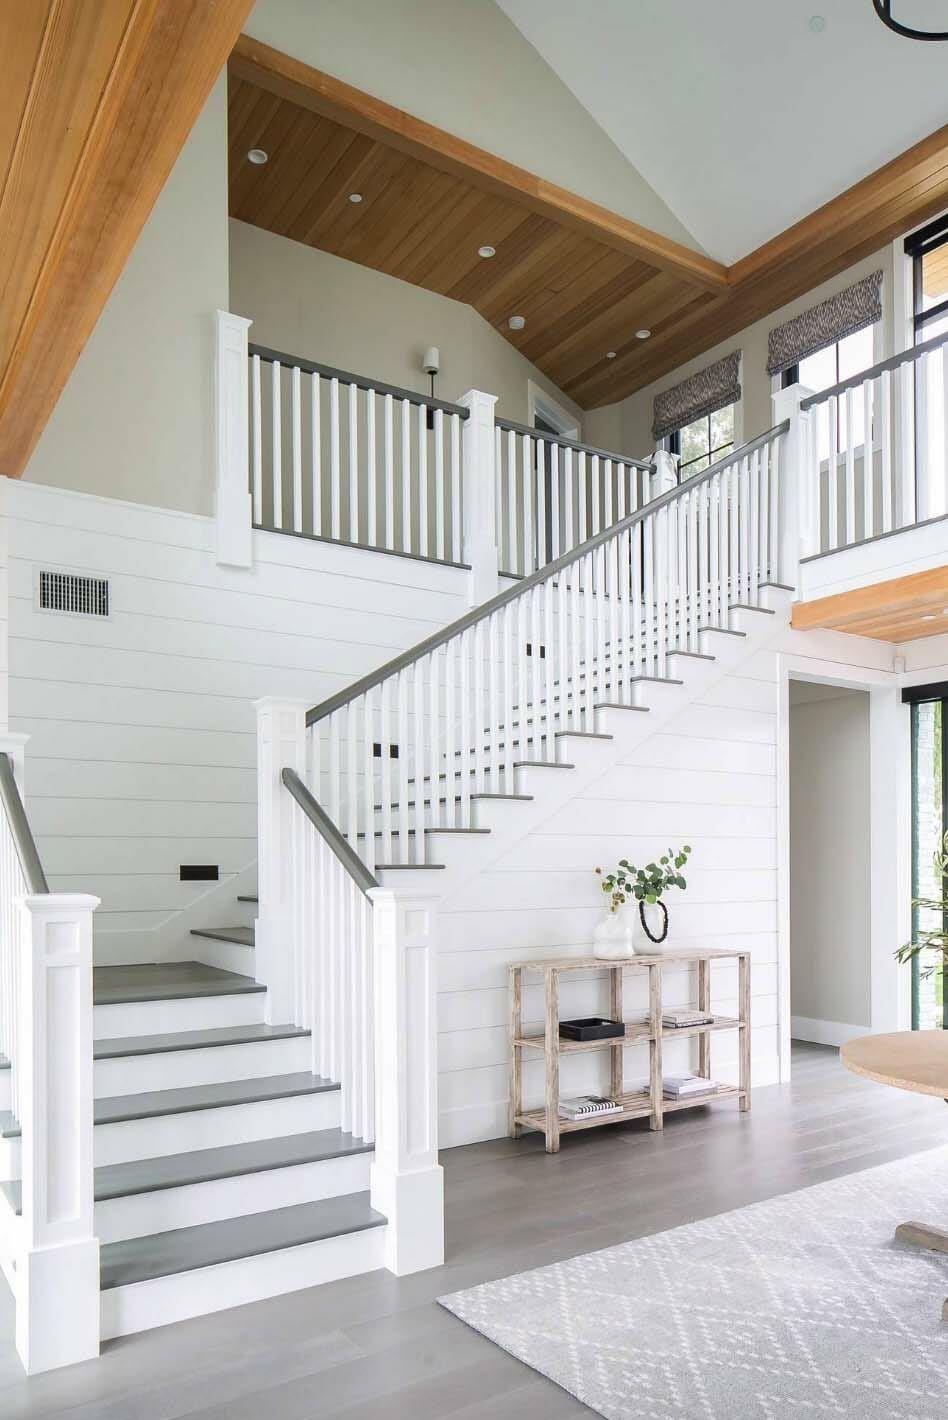 Modernes Bauernhaus Stil mit einer Beachy-Vibe in Newport Beach #modernfarmhousestyle